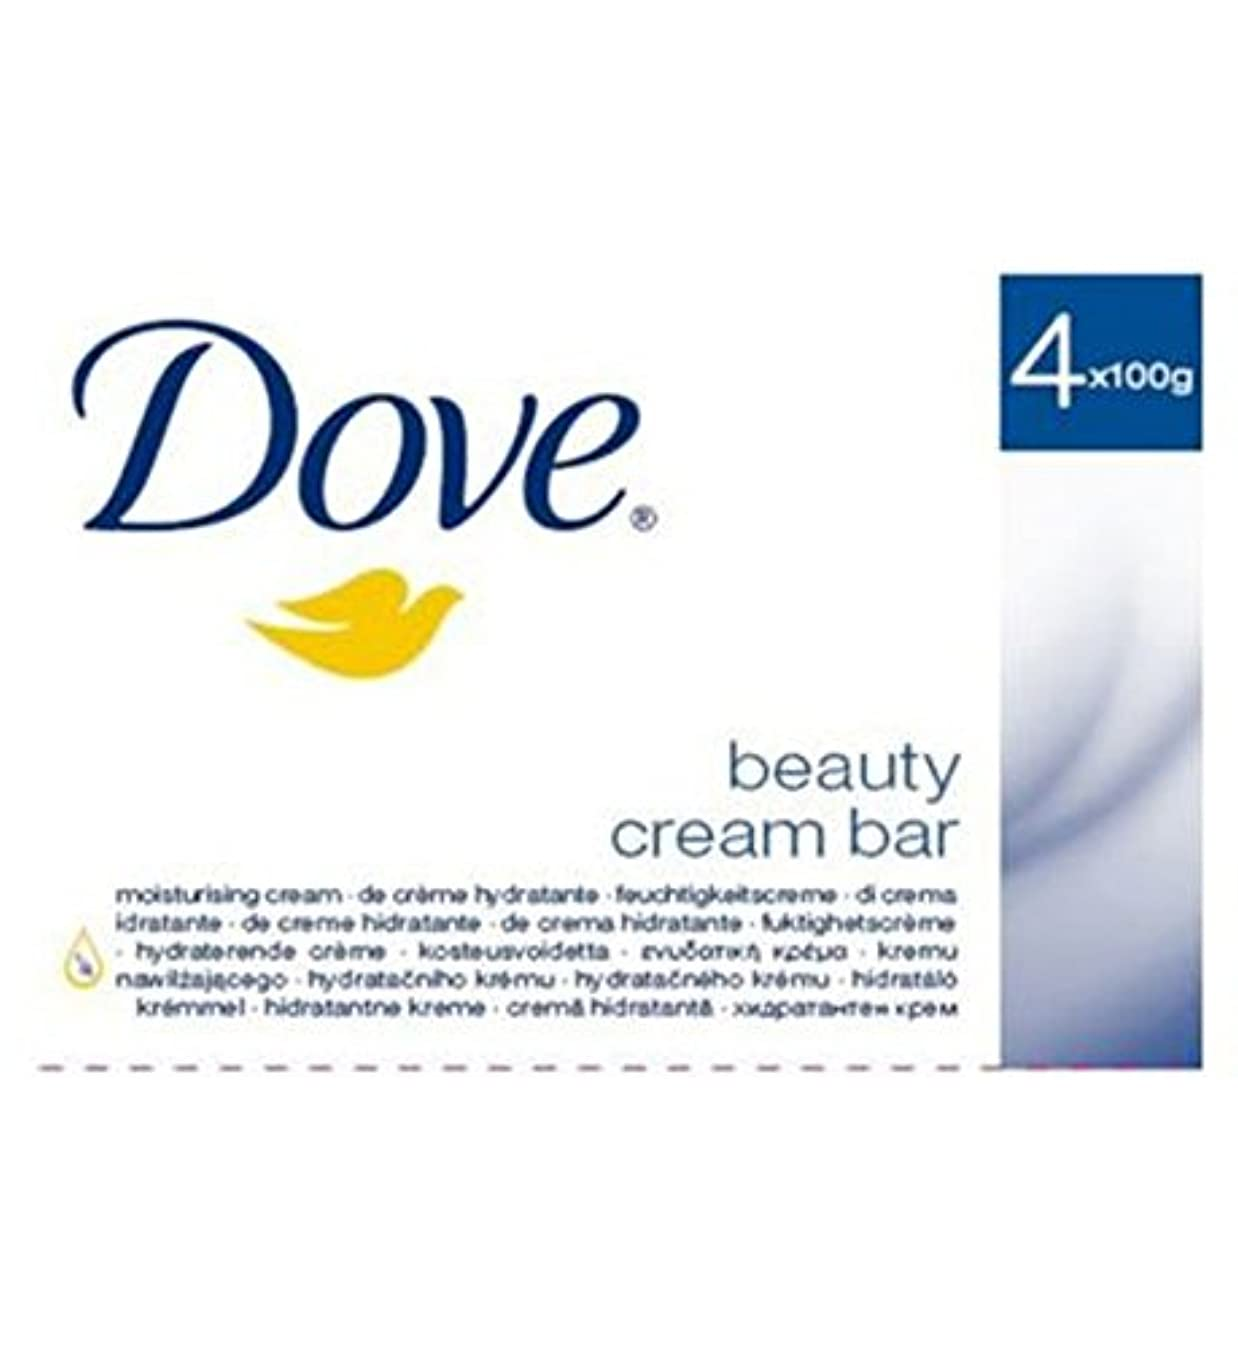 繁殖頂点脅迫Dove Original Beauty Cream Bar 4 x 100g - 鳩元の美しさのクリームバー4のX 100グラム (Dove) [並行輸入品]